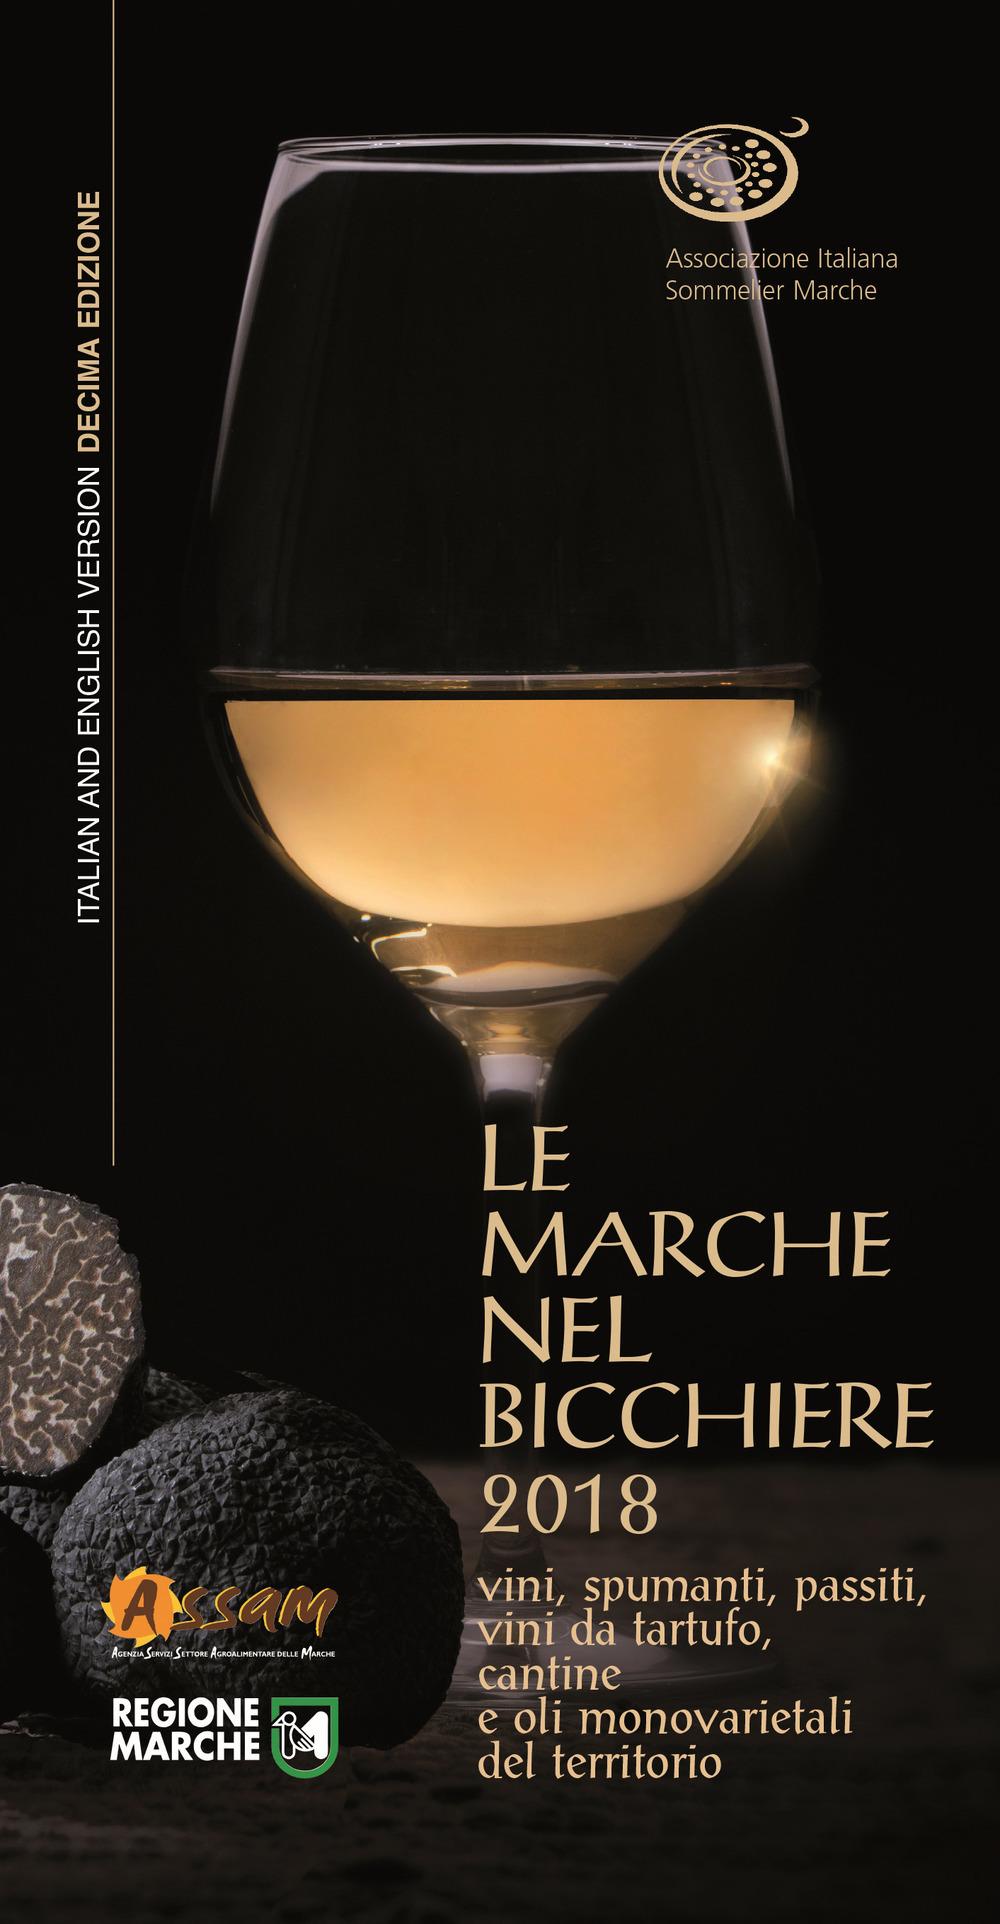 Image of Le Marche nel bicchiere 2018. Vini, spumanti, passiti, vini da tar..